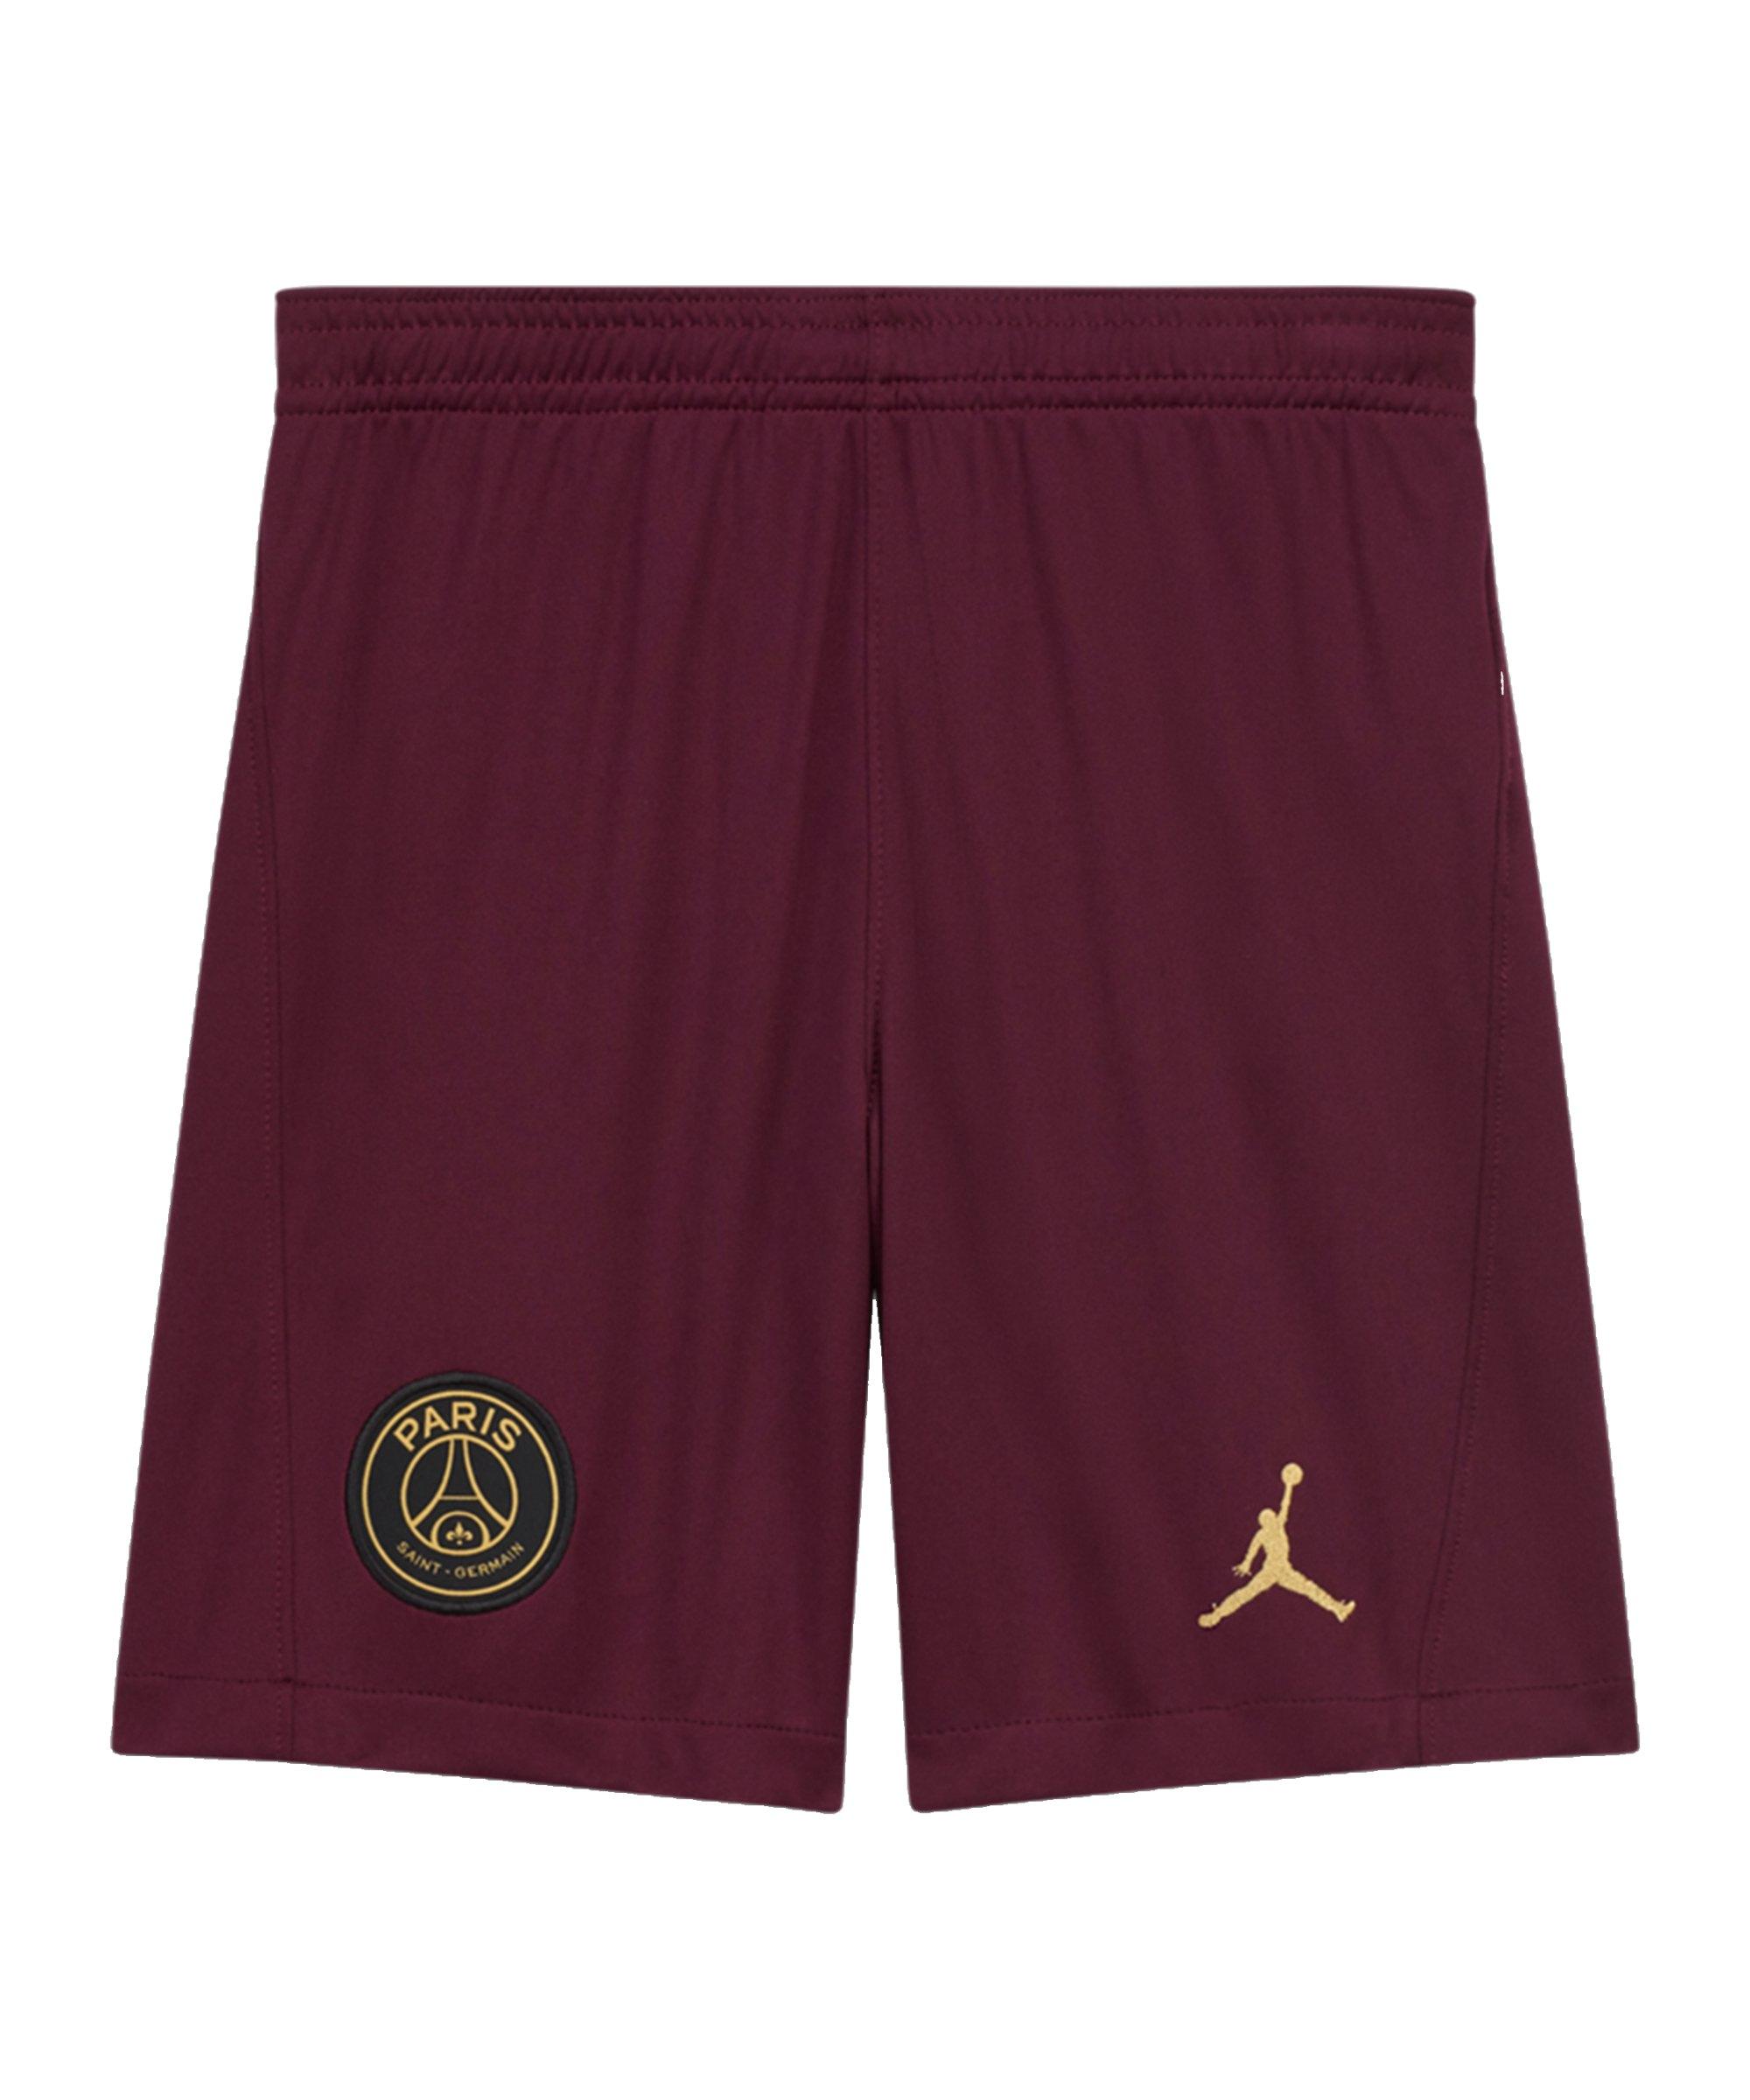 Jordan Paris St. Germain Short UCL 2020/2021 Kids F612 - rot